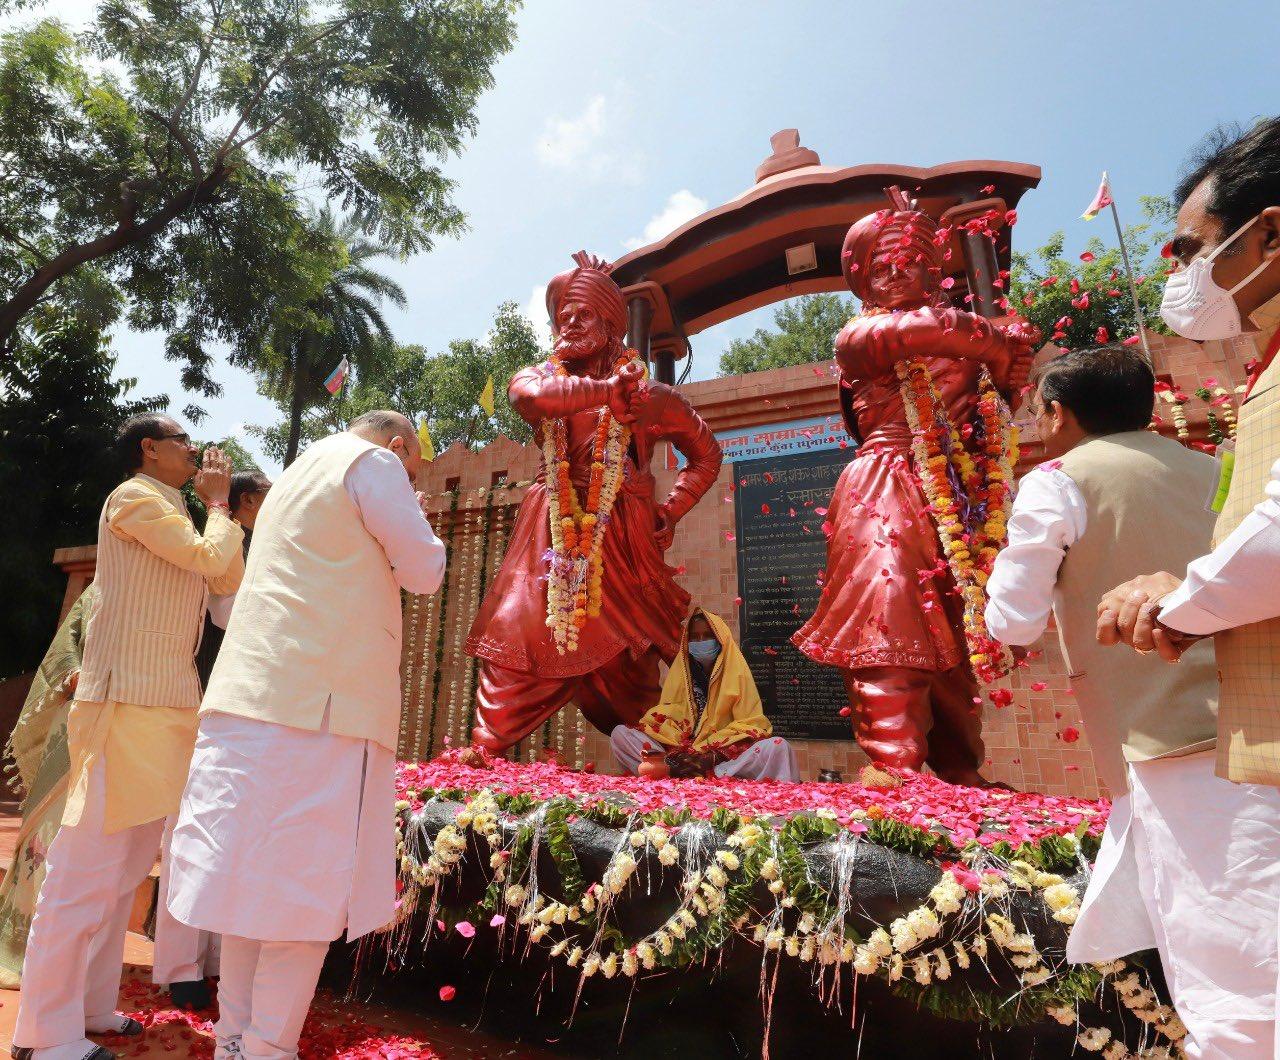 अमित शाह ने राजा शंकर शाह और कुंवर रघुनाथ शाह के बलिदान दिवस पर उन्हें श्रद्धांजलि दी।